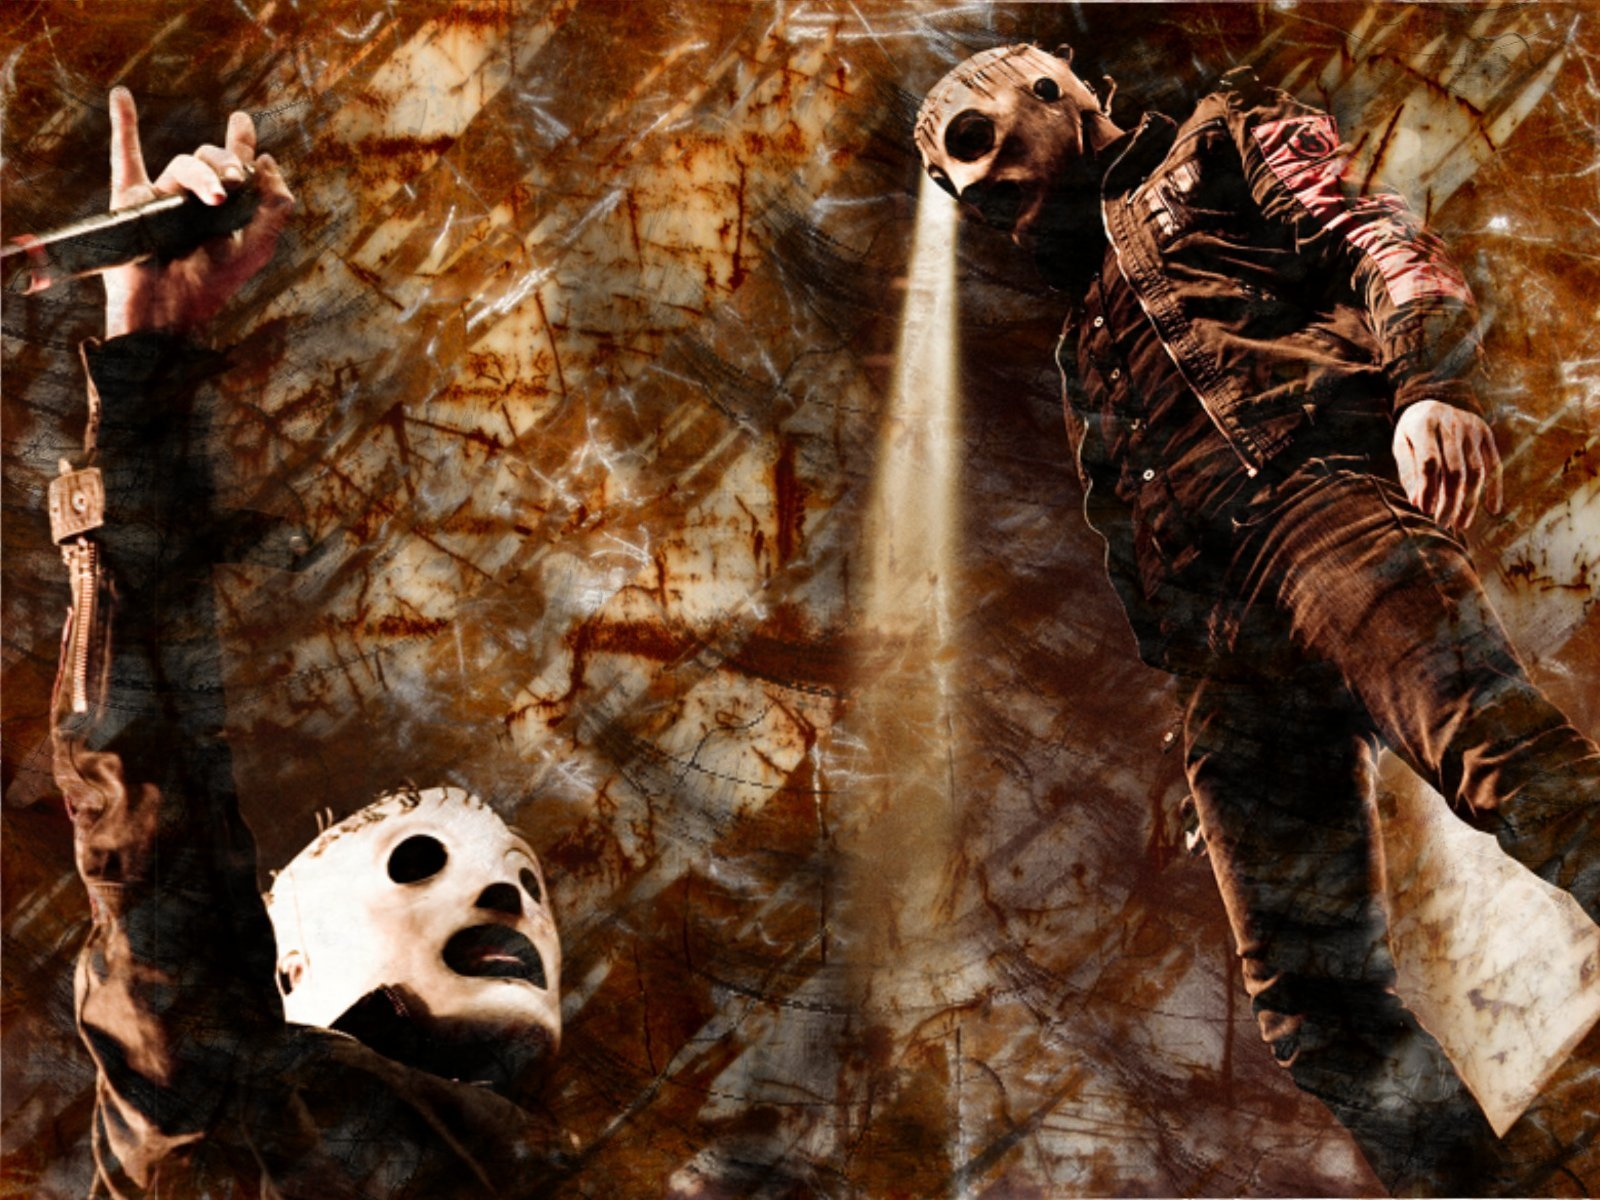 Slipknot Wallpaper Hd Wallpapers 1 slipknot 1600x1200